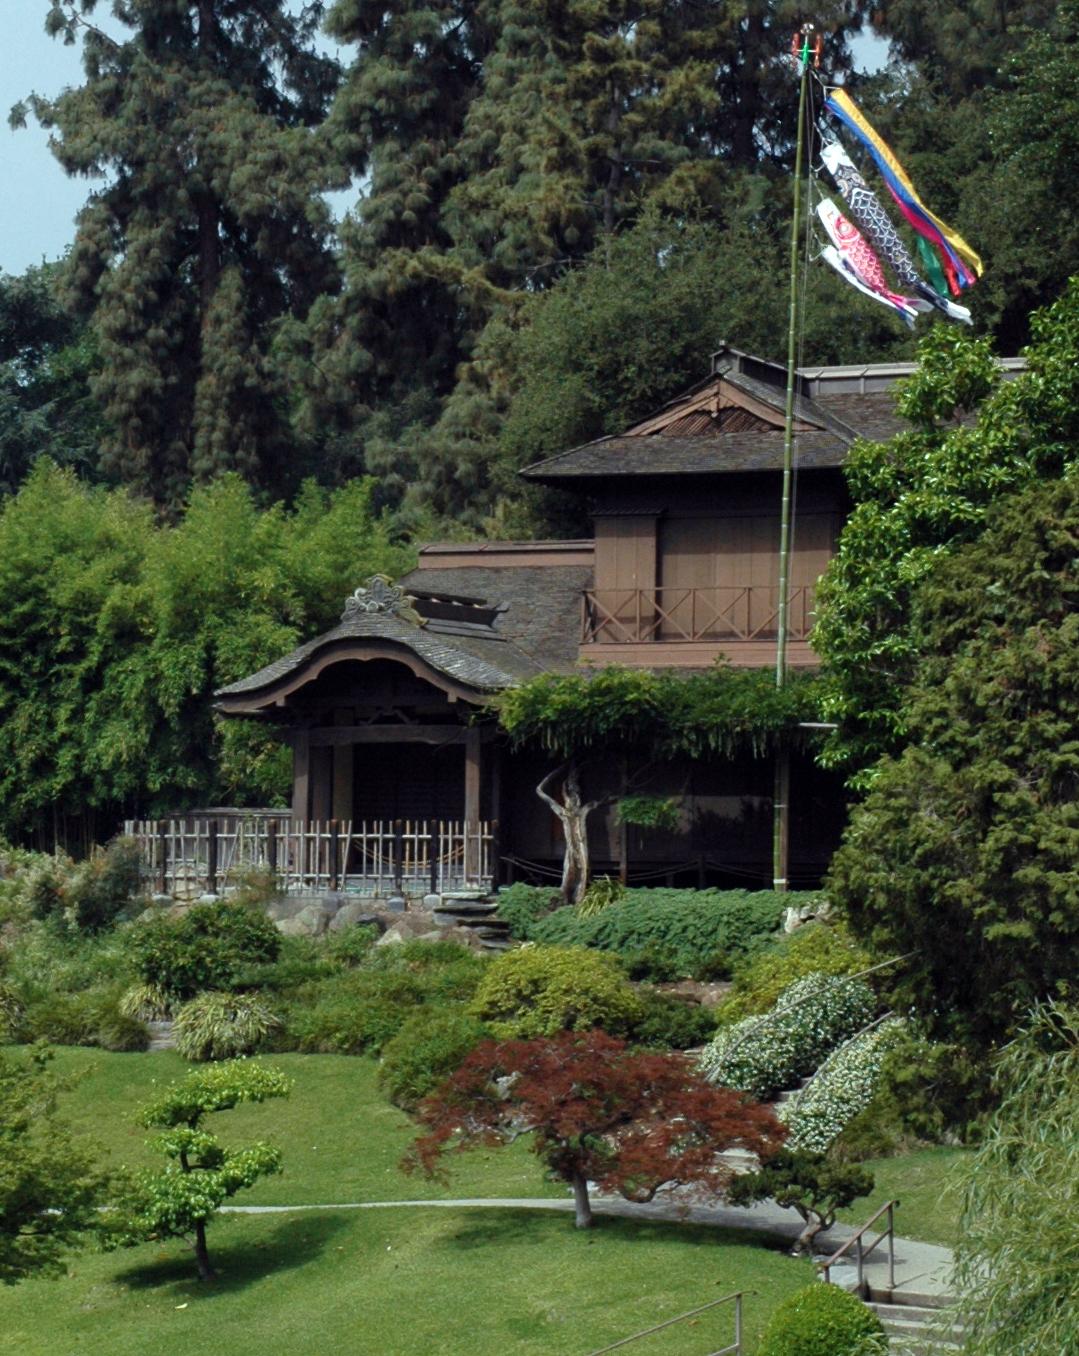 Japanese garden the huntington alice 39 s garden travel buzz for Japanese garden house